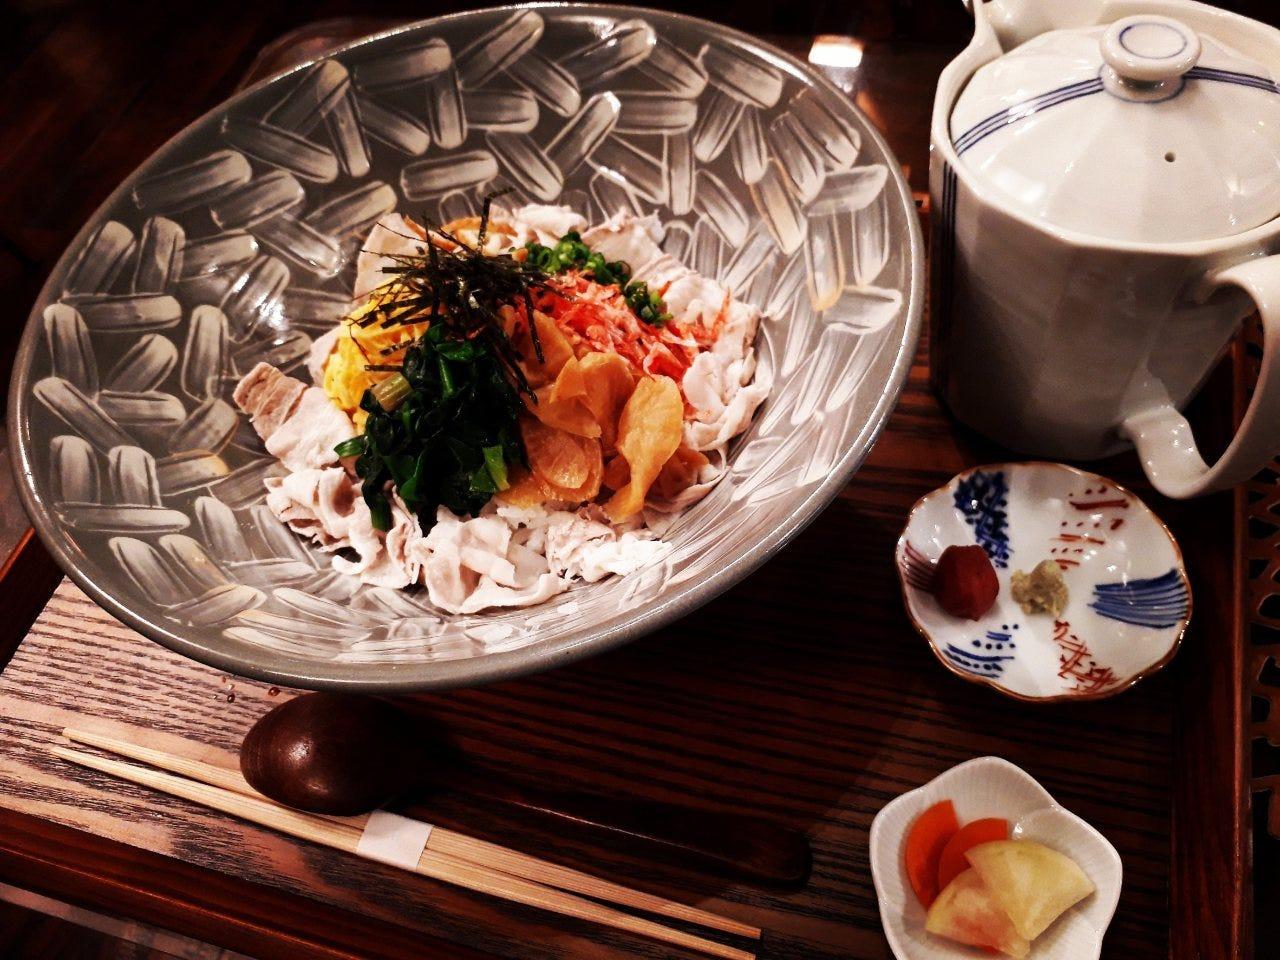 ■人気ランチメニューの「安楽丼」